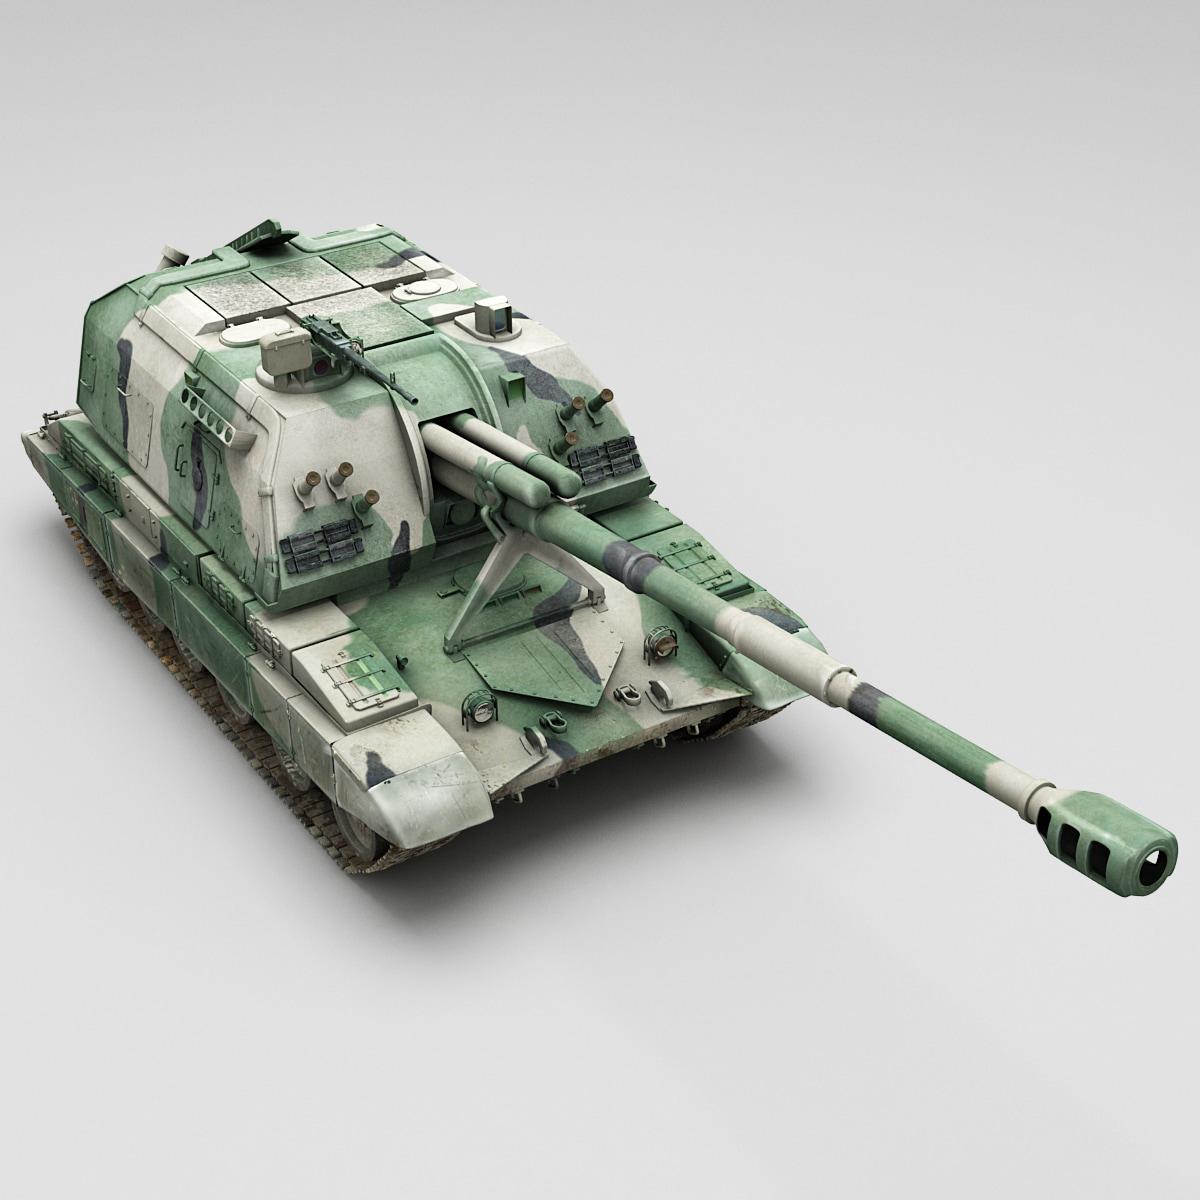 Howitzer_MSTA-S_0001.jpg